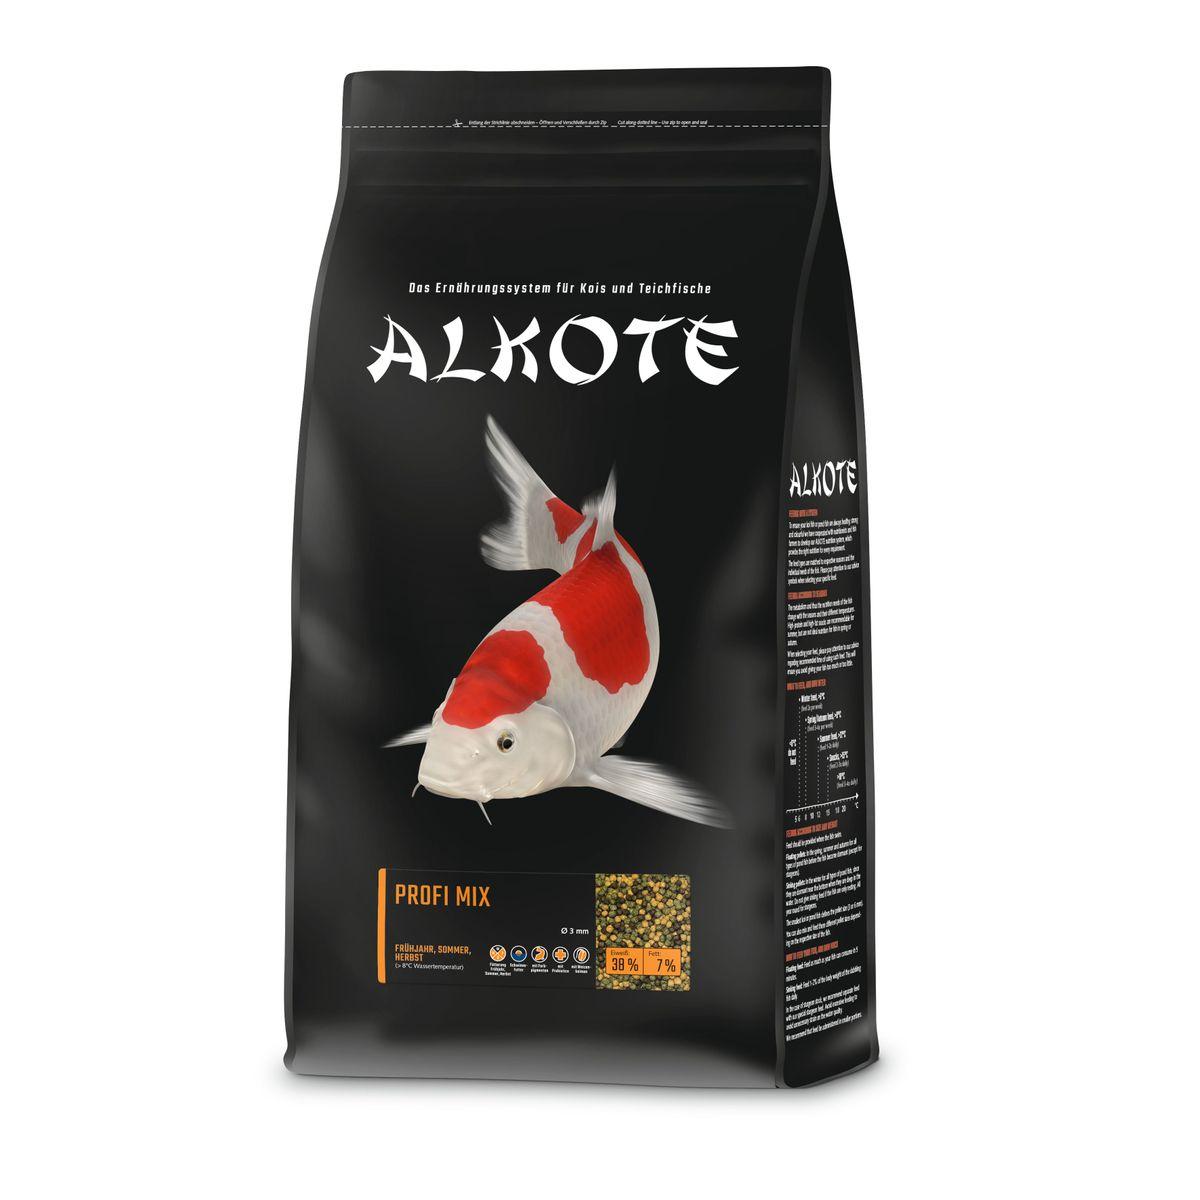 AL-KO-TE Profi-Mix 3mm | 3kg Koifutter mit Wheatgerm